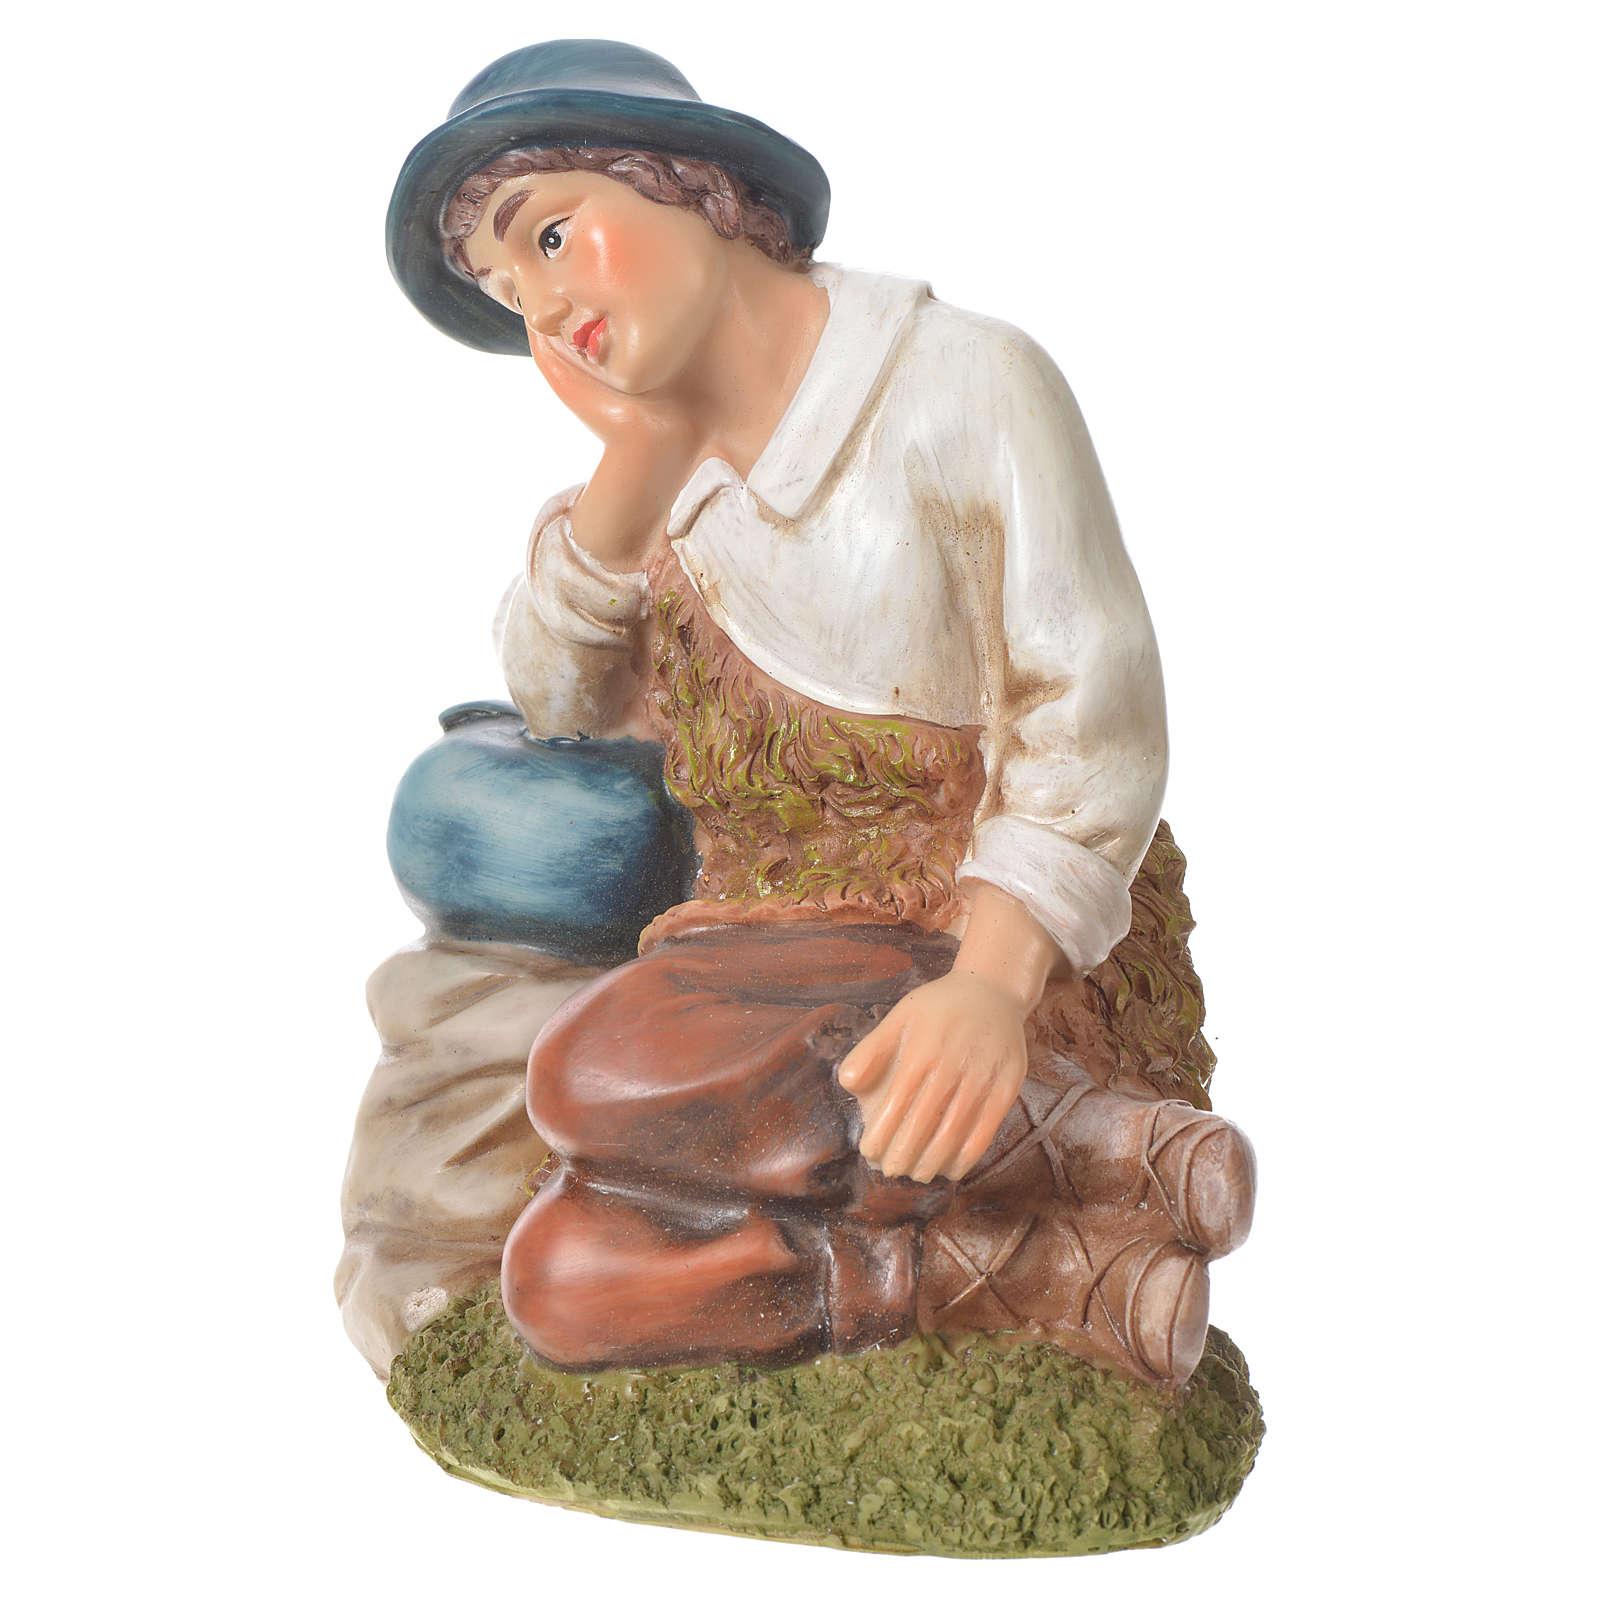 Pastore in meditazione presepe 30 cm resina 3